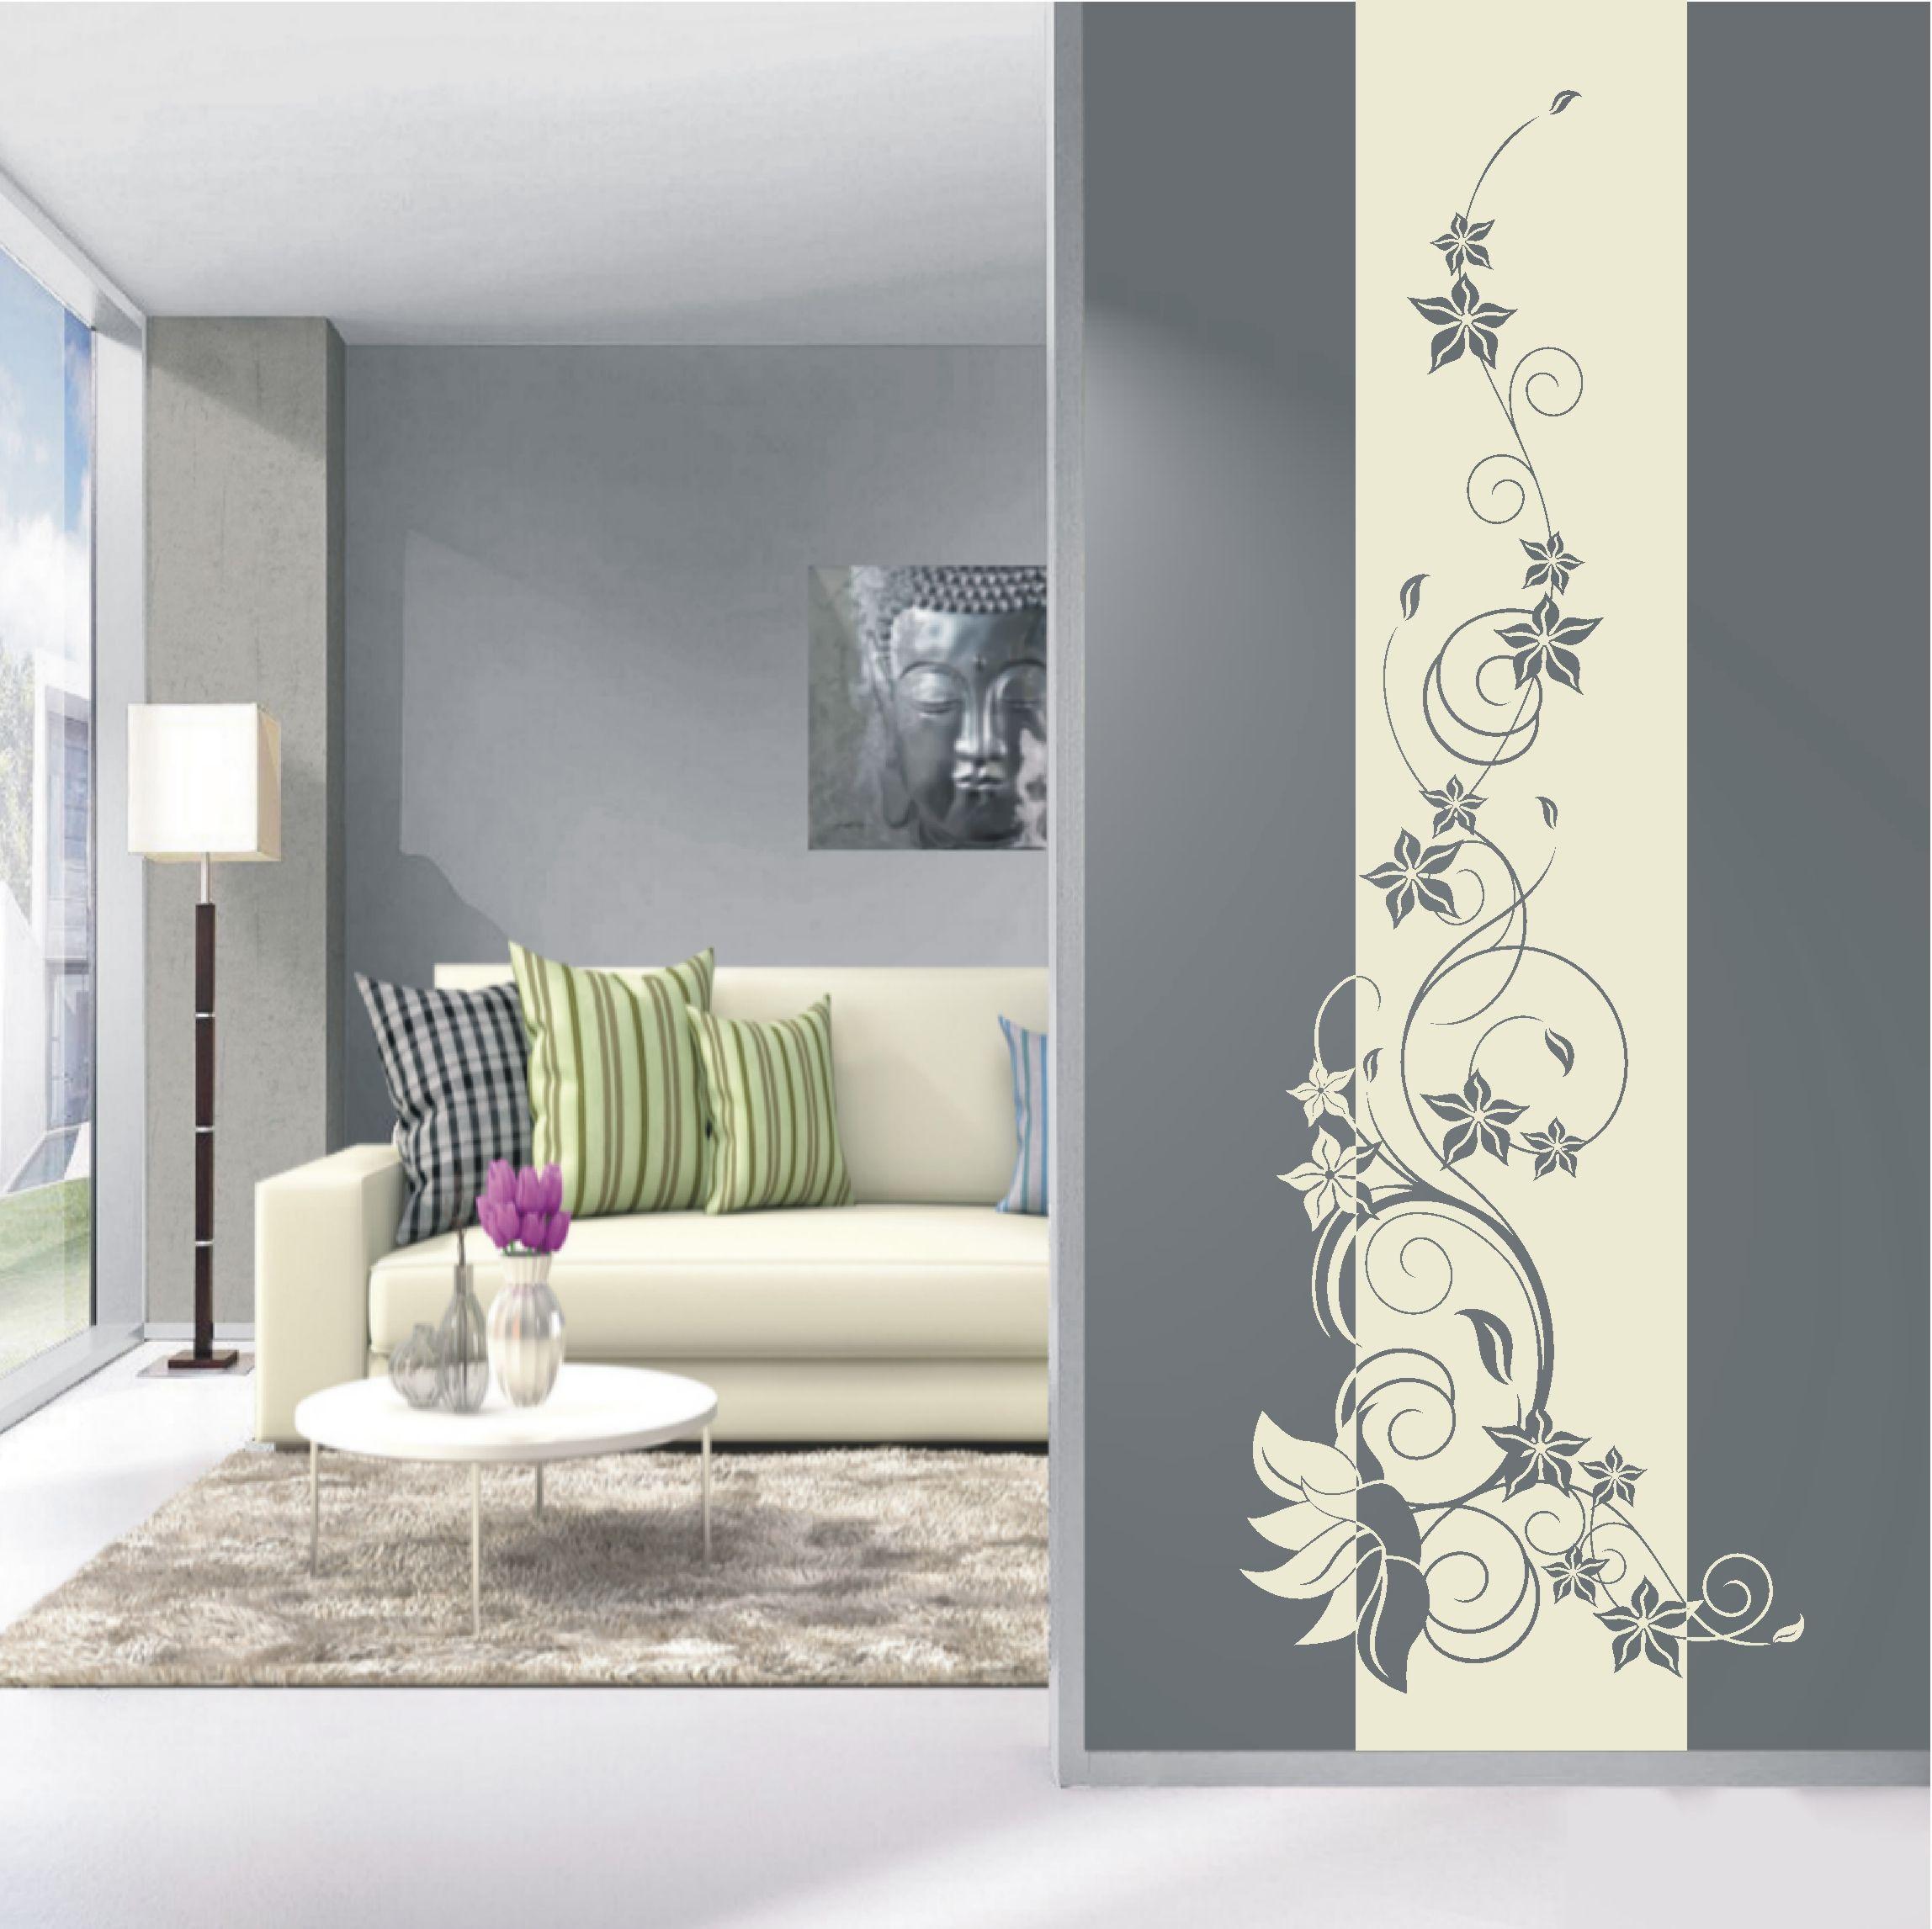 Wandtattoos Wohnzimmer Ideen